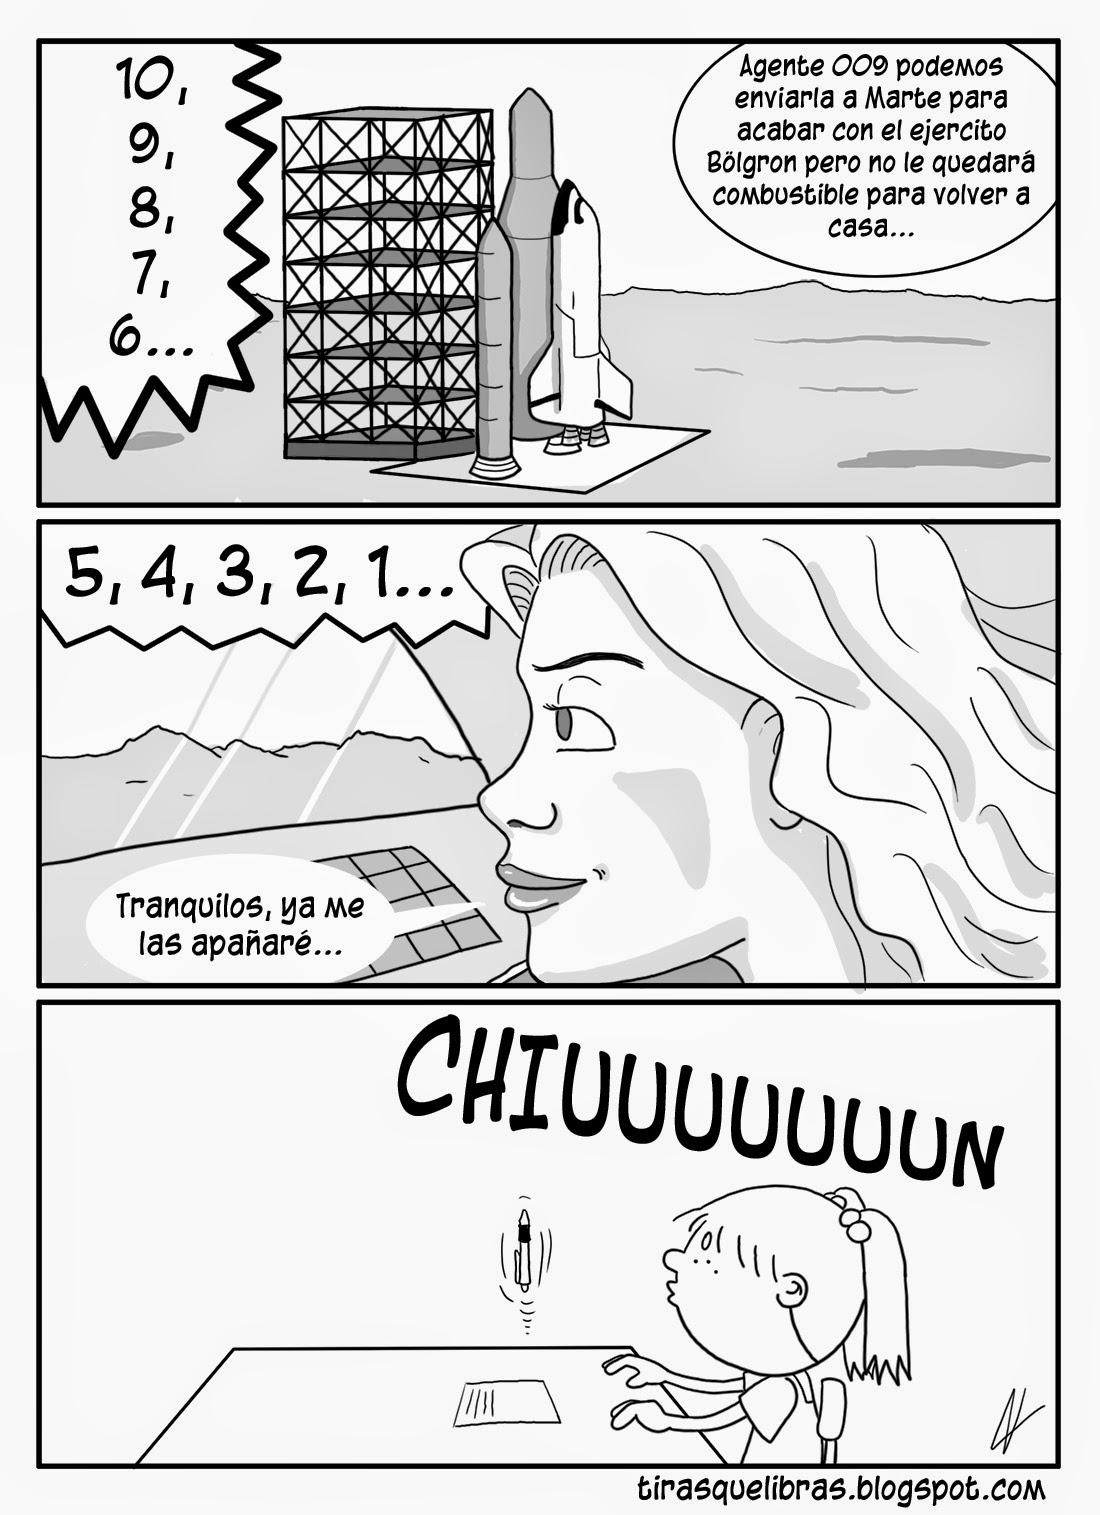 webcomic jen, Una misión de la agente 009 yendo en cohete a Marte es en realidad Jen jugando con el boli